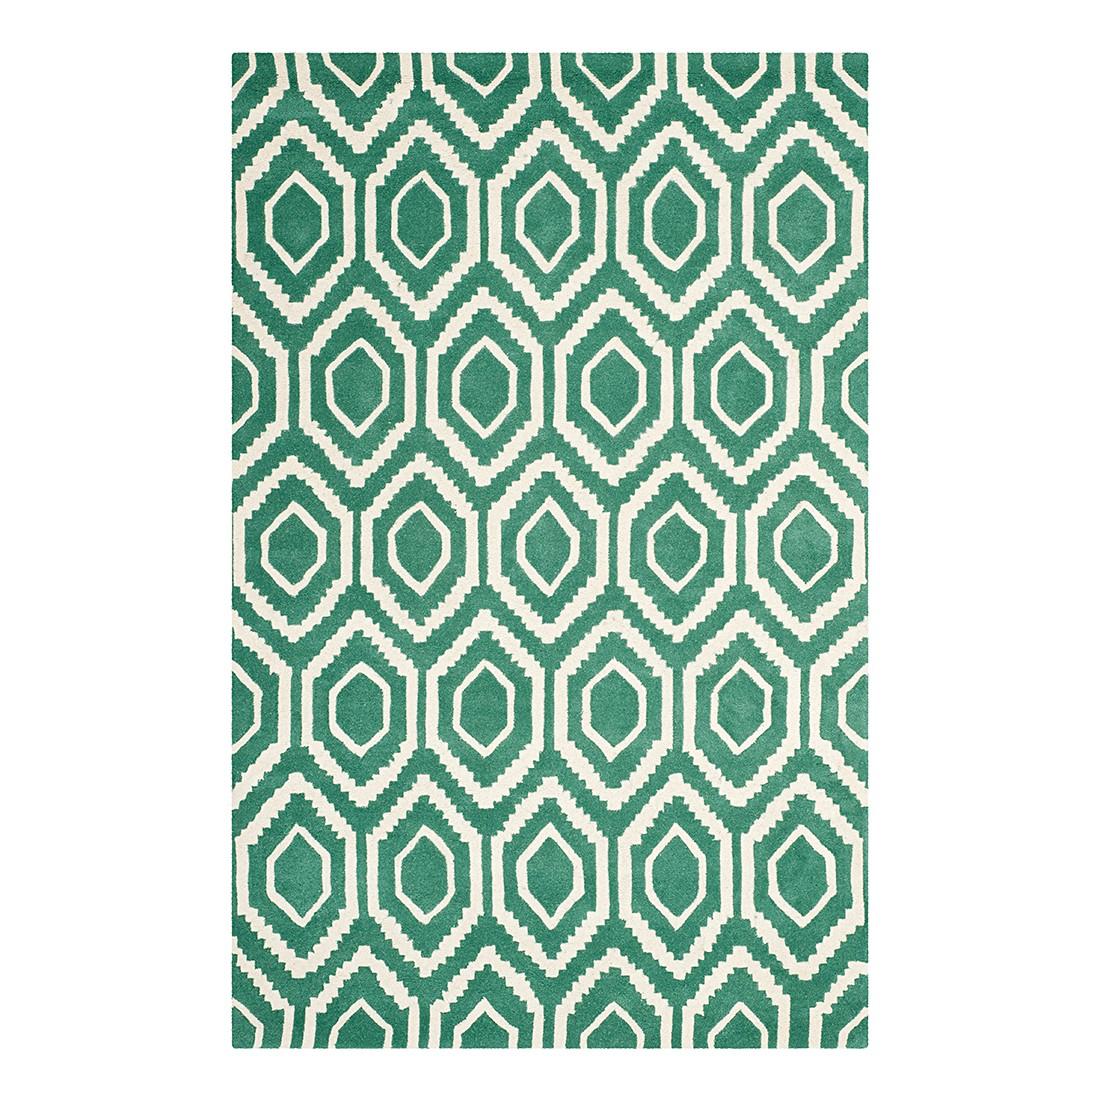 Teppich Essex – Grün/Creme – 122 x 183 cm, Safavieh online kaufen